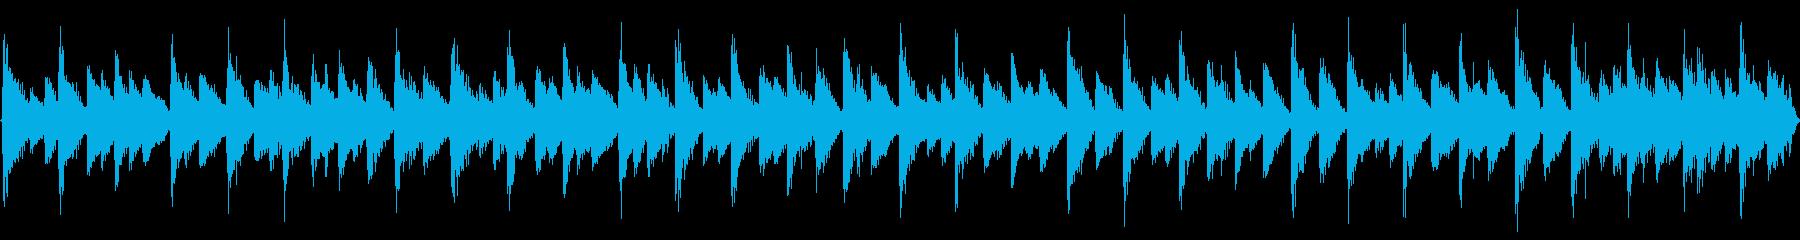 チップチューンによるパッヘルベルのカノンの再生済みの波形